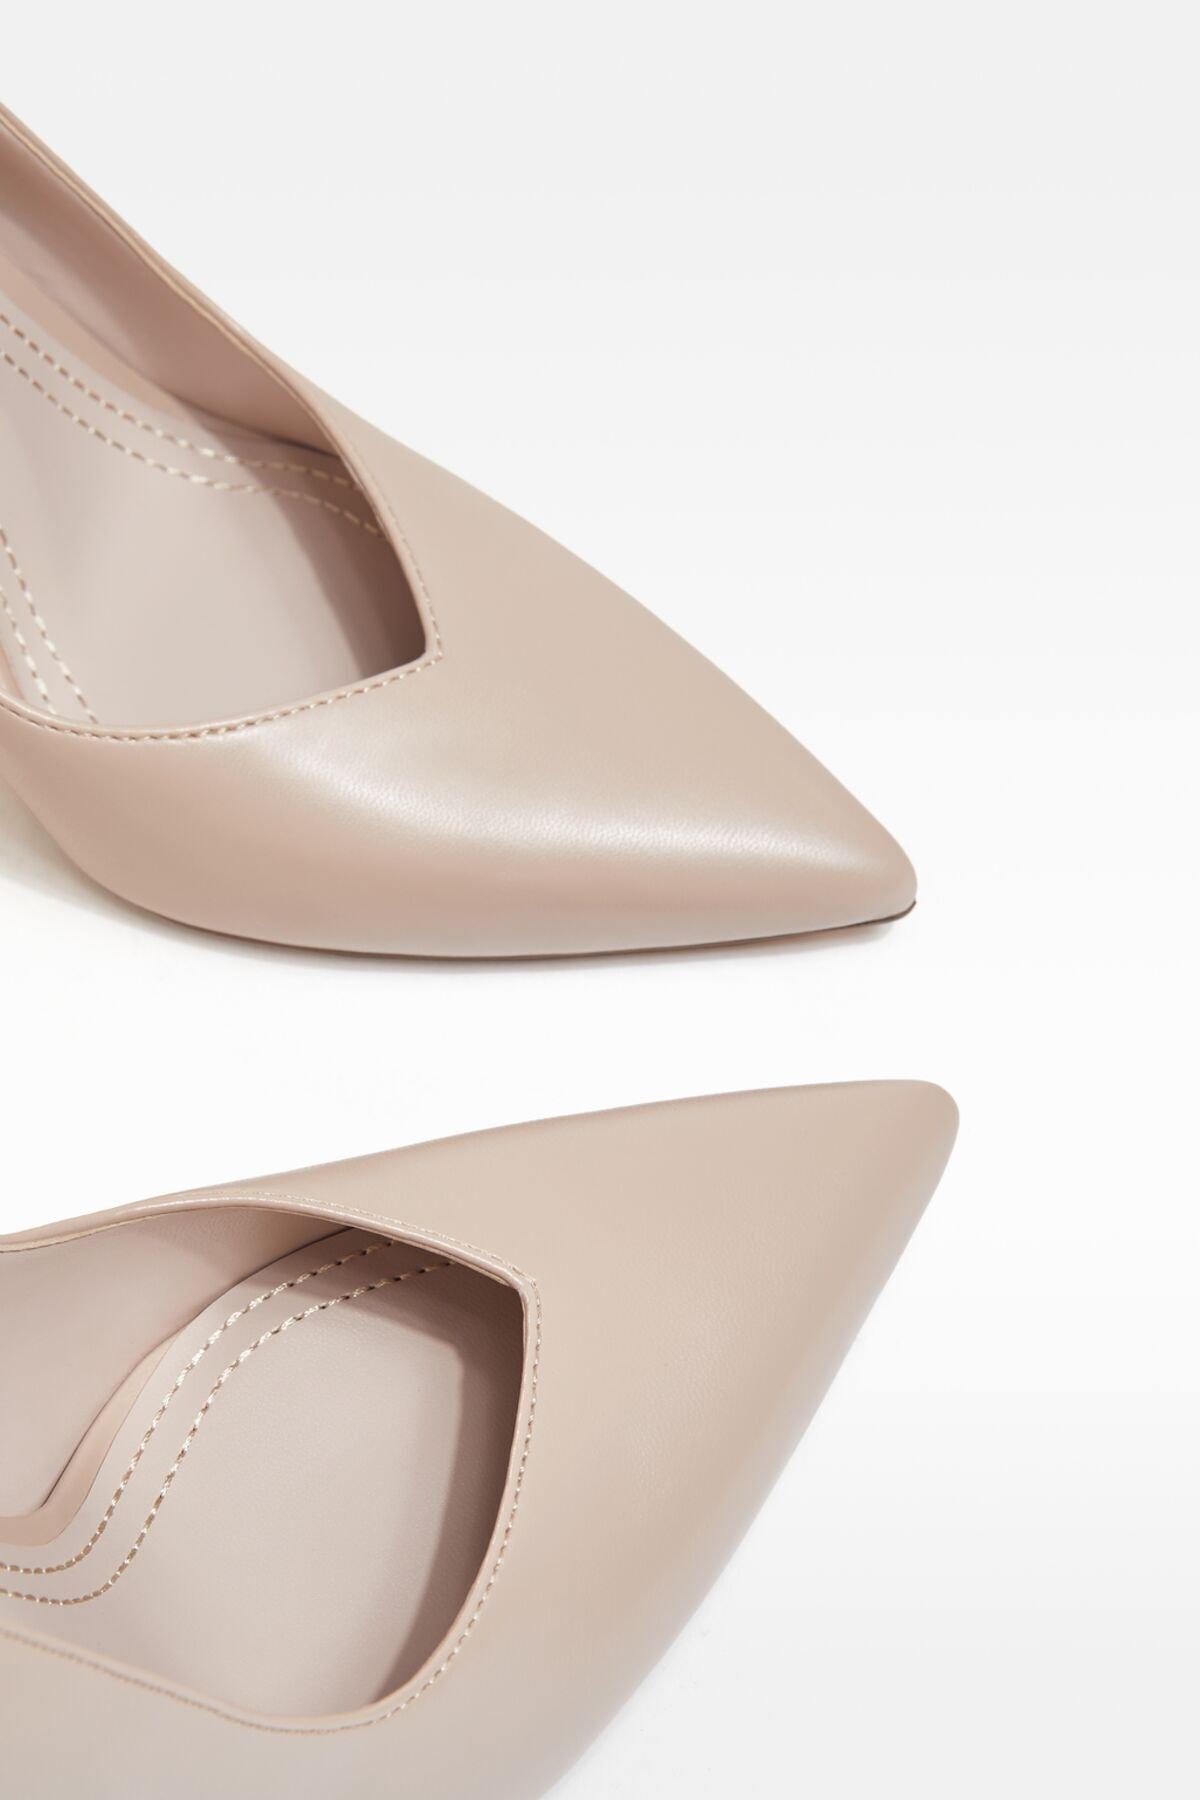 Bershka Kadın Bej V Kesim Topuklu Ayakkabı 11308760 4